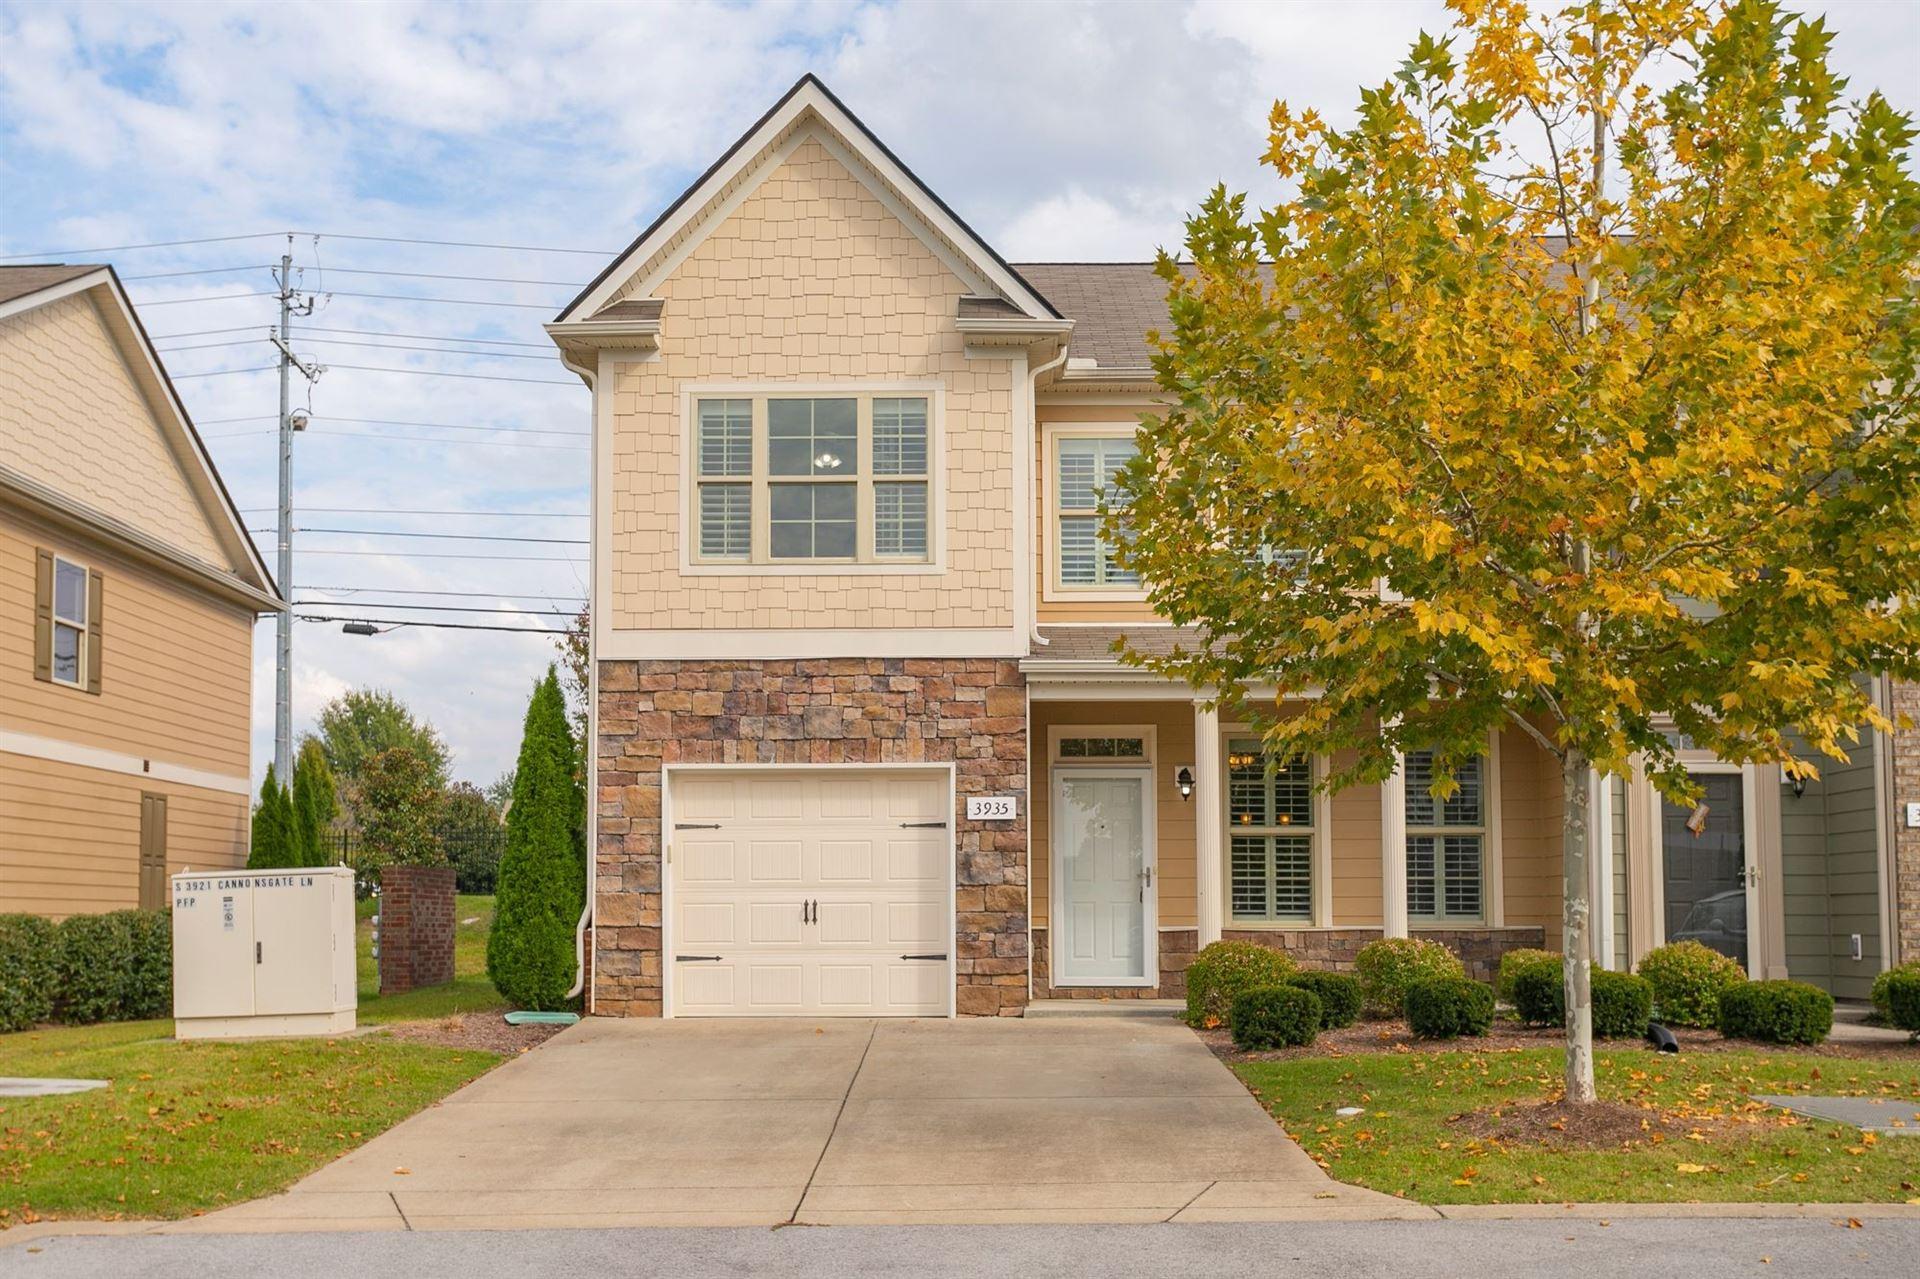 3935 Cannonsgate Ln, Murfreesboro, TN 37128 - MLS#: 2273571